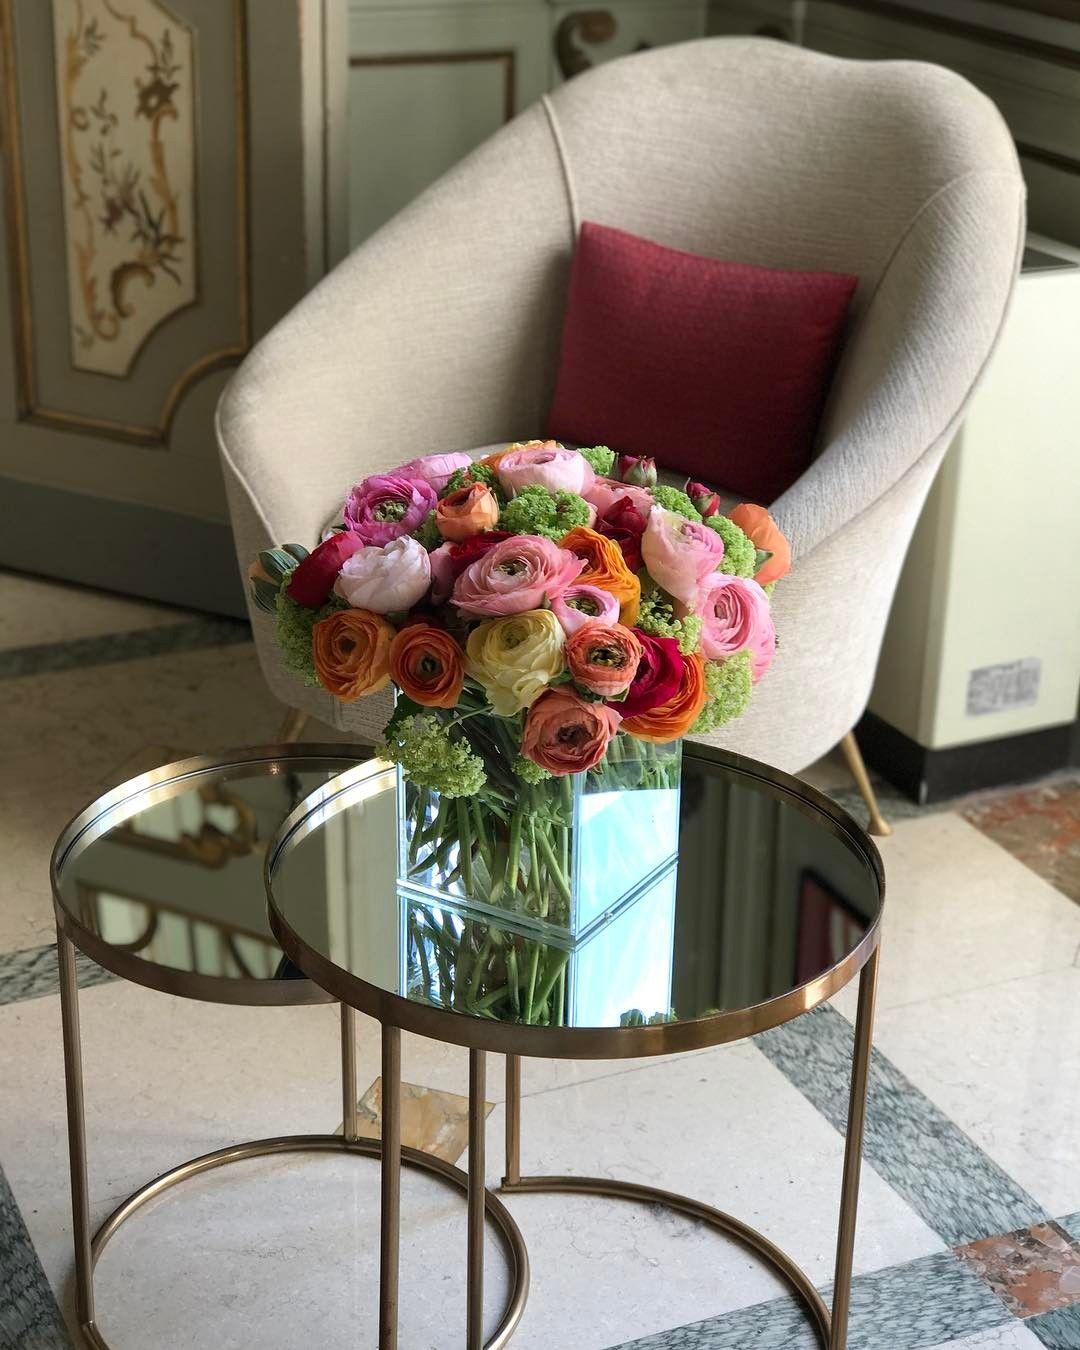 Bom dia direto de um palácio {} Registrando todos os cantinhos incríveis dessa viagem  E como as flores fazem diferença em qualquer ambiente  #ASemmilao #ASviaja #olioliemmilao #oliolinoisalone #olioliteam #salonedelmobile